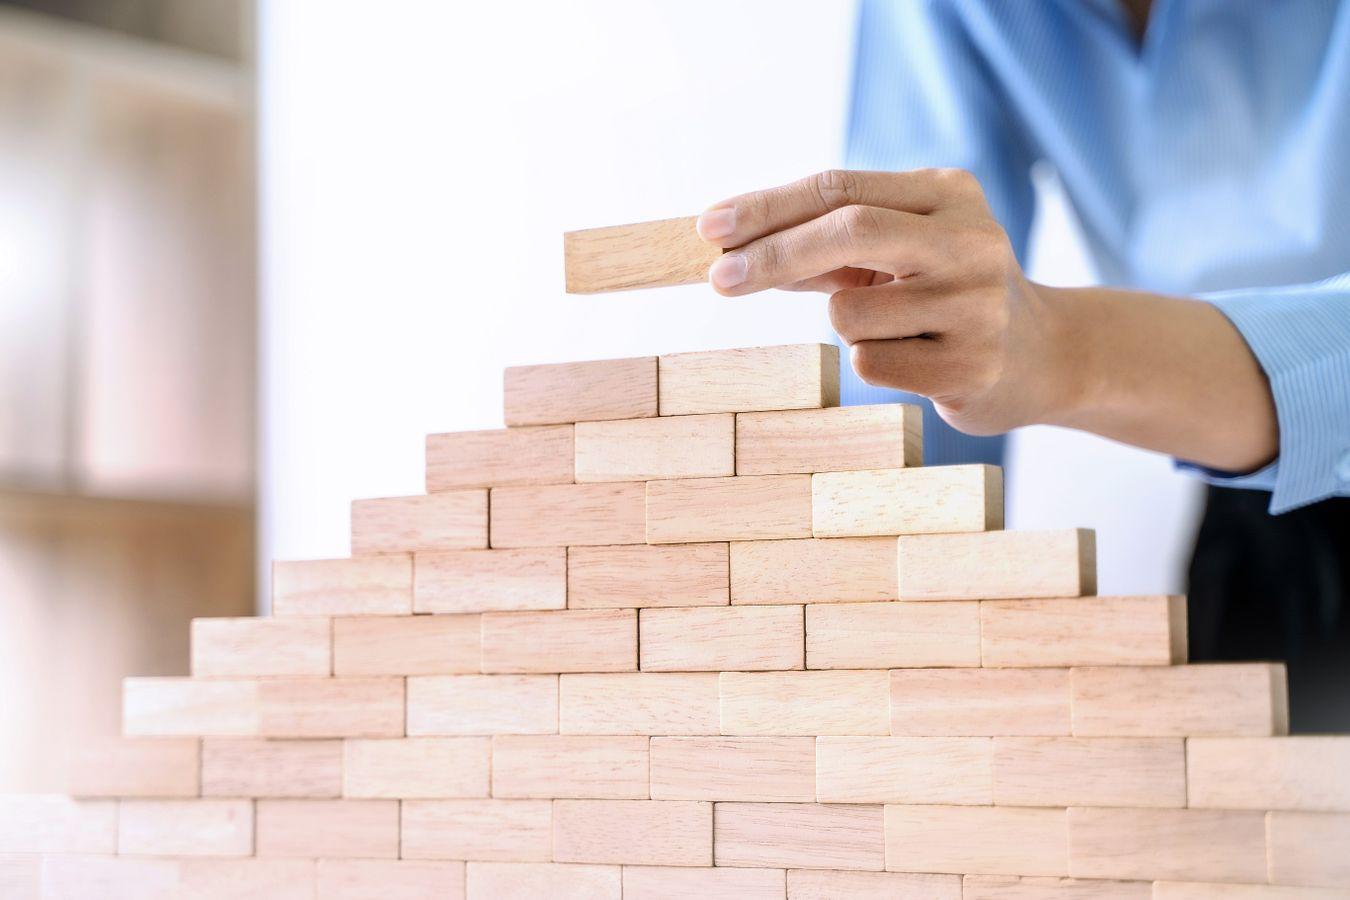 Cycle rénovation énergétique des bâtiments : mettre en place une stratégie patrimoniale (3/4)